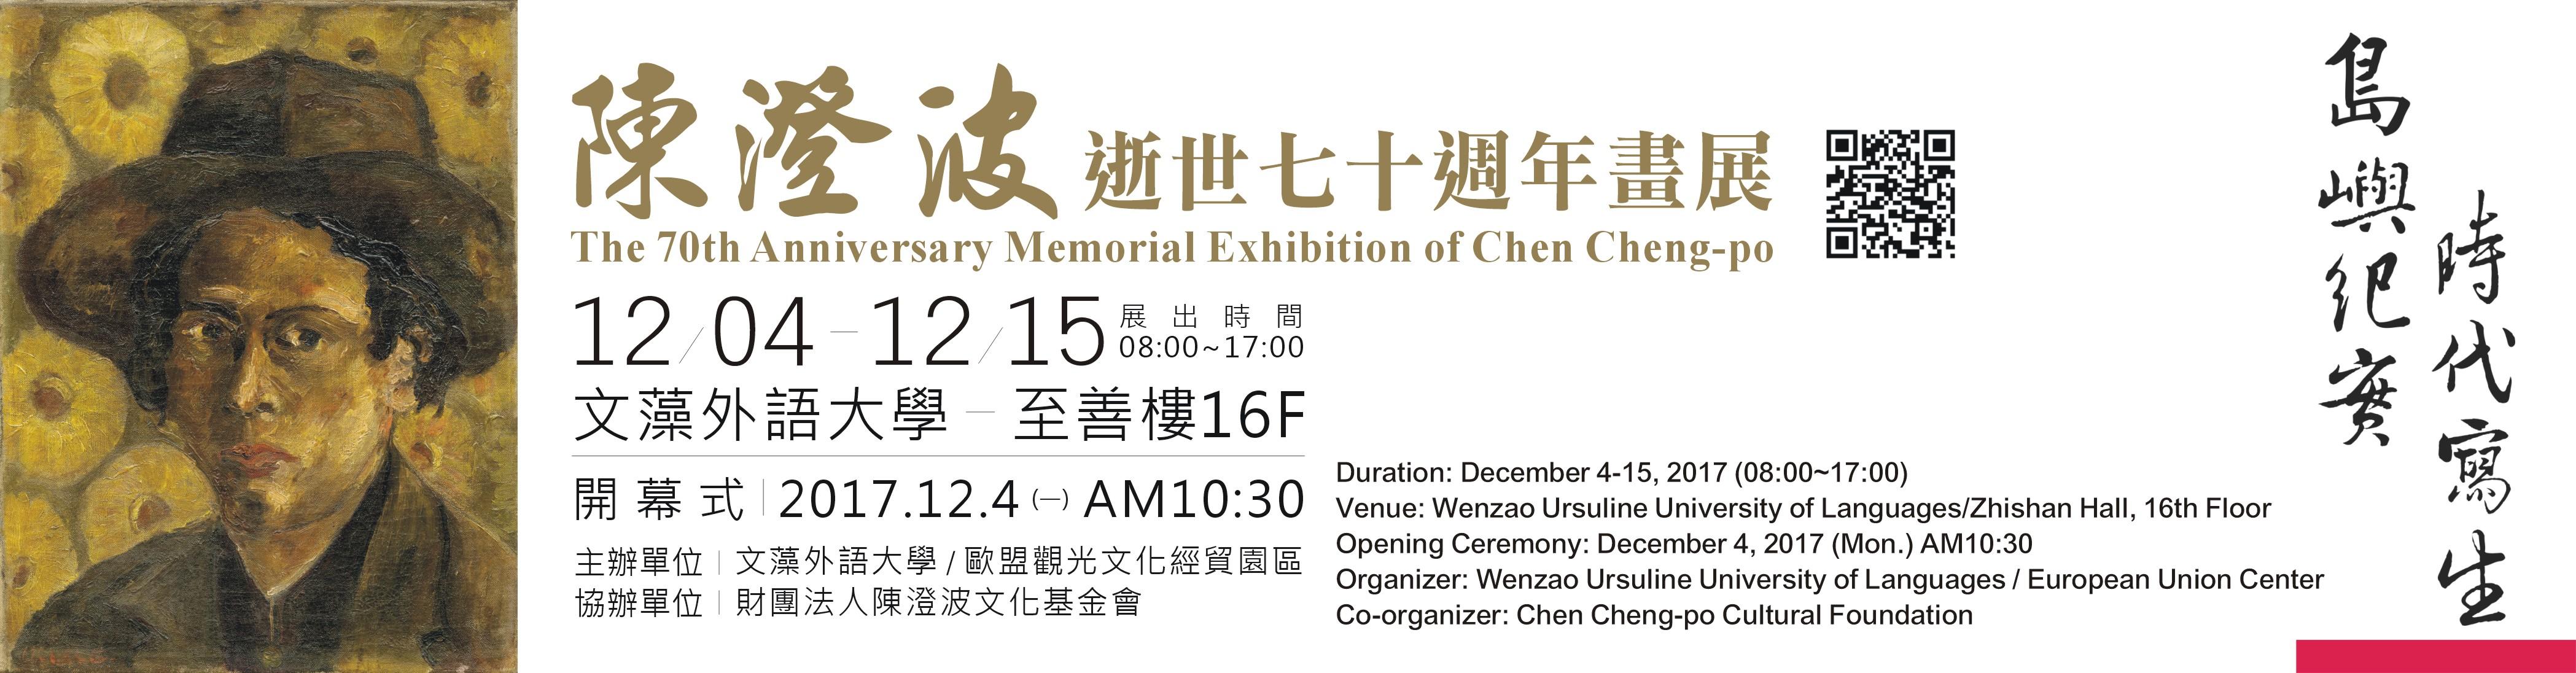 島嶼紀實。時代寫生_陳澄波逝世七十週年畫展-banner (另開新視窗)